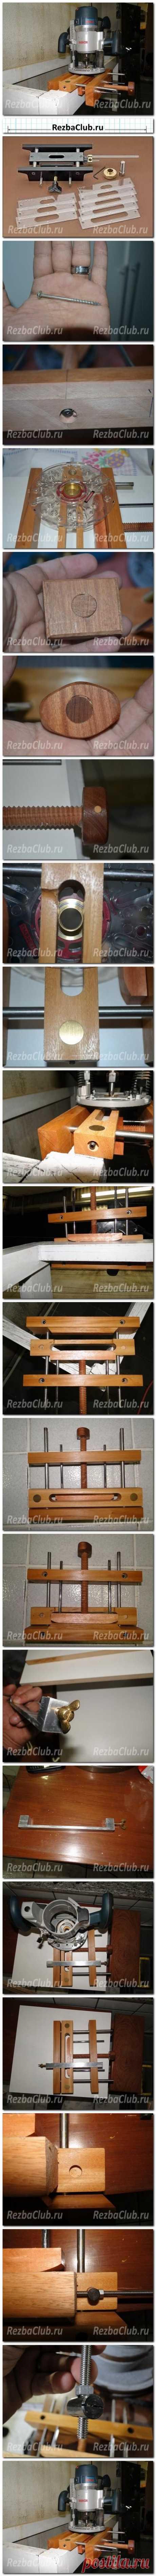 #396 Пазовальный кондуктор для фрезера | Резьба Клуб